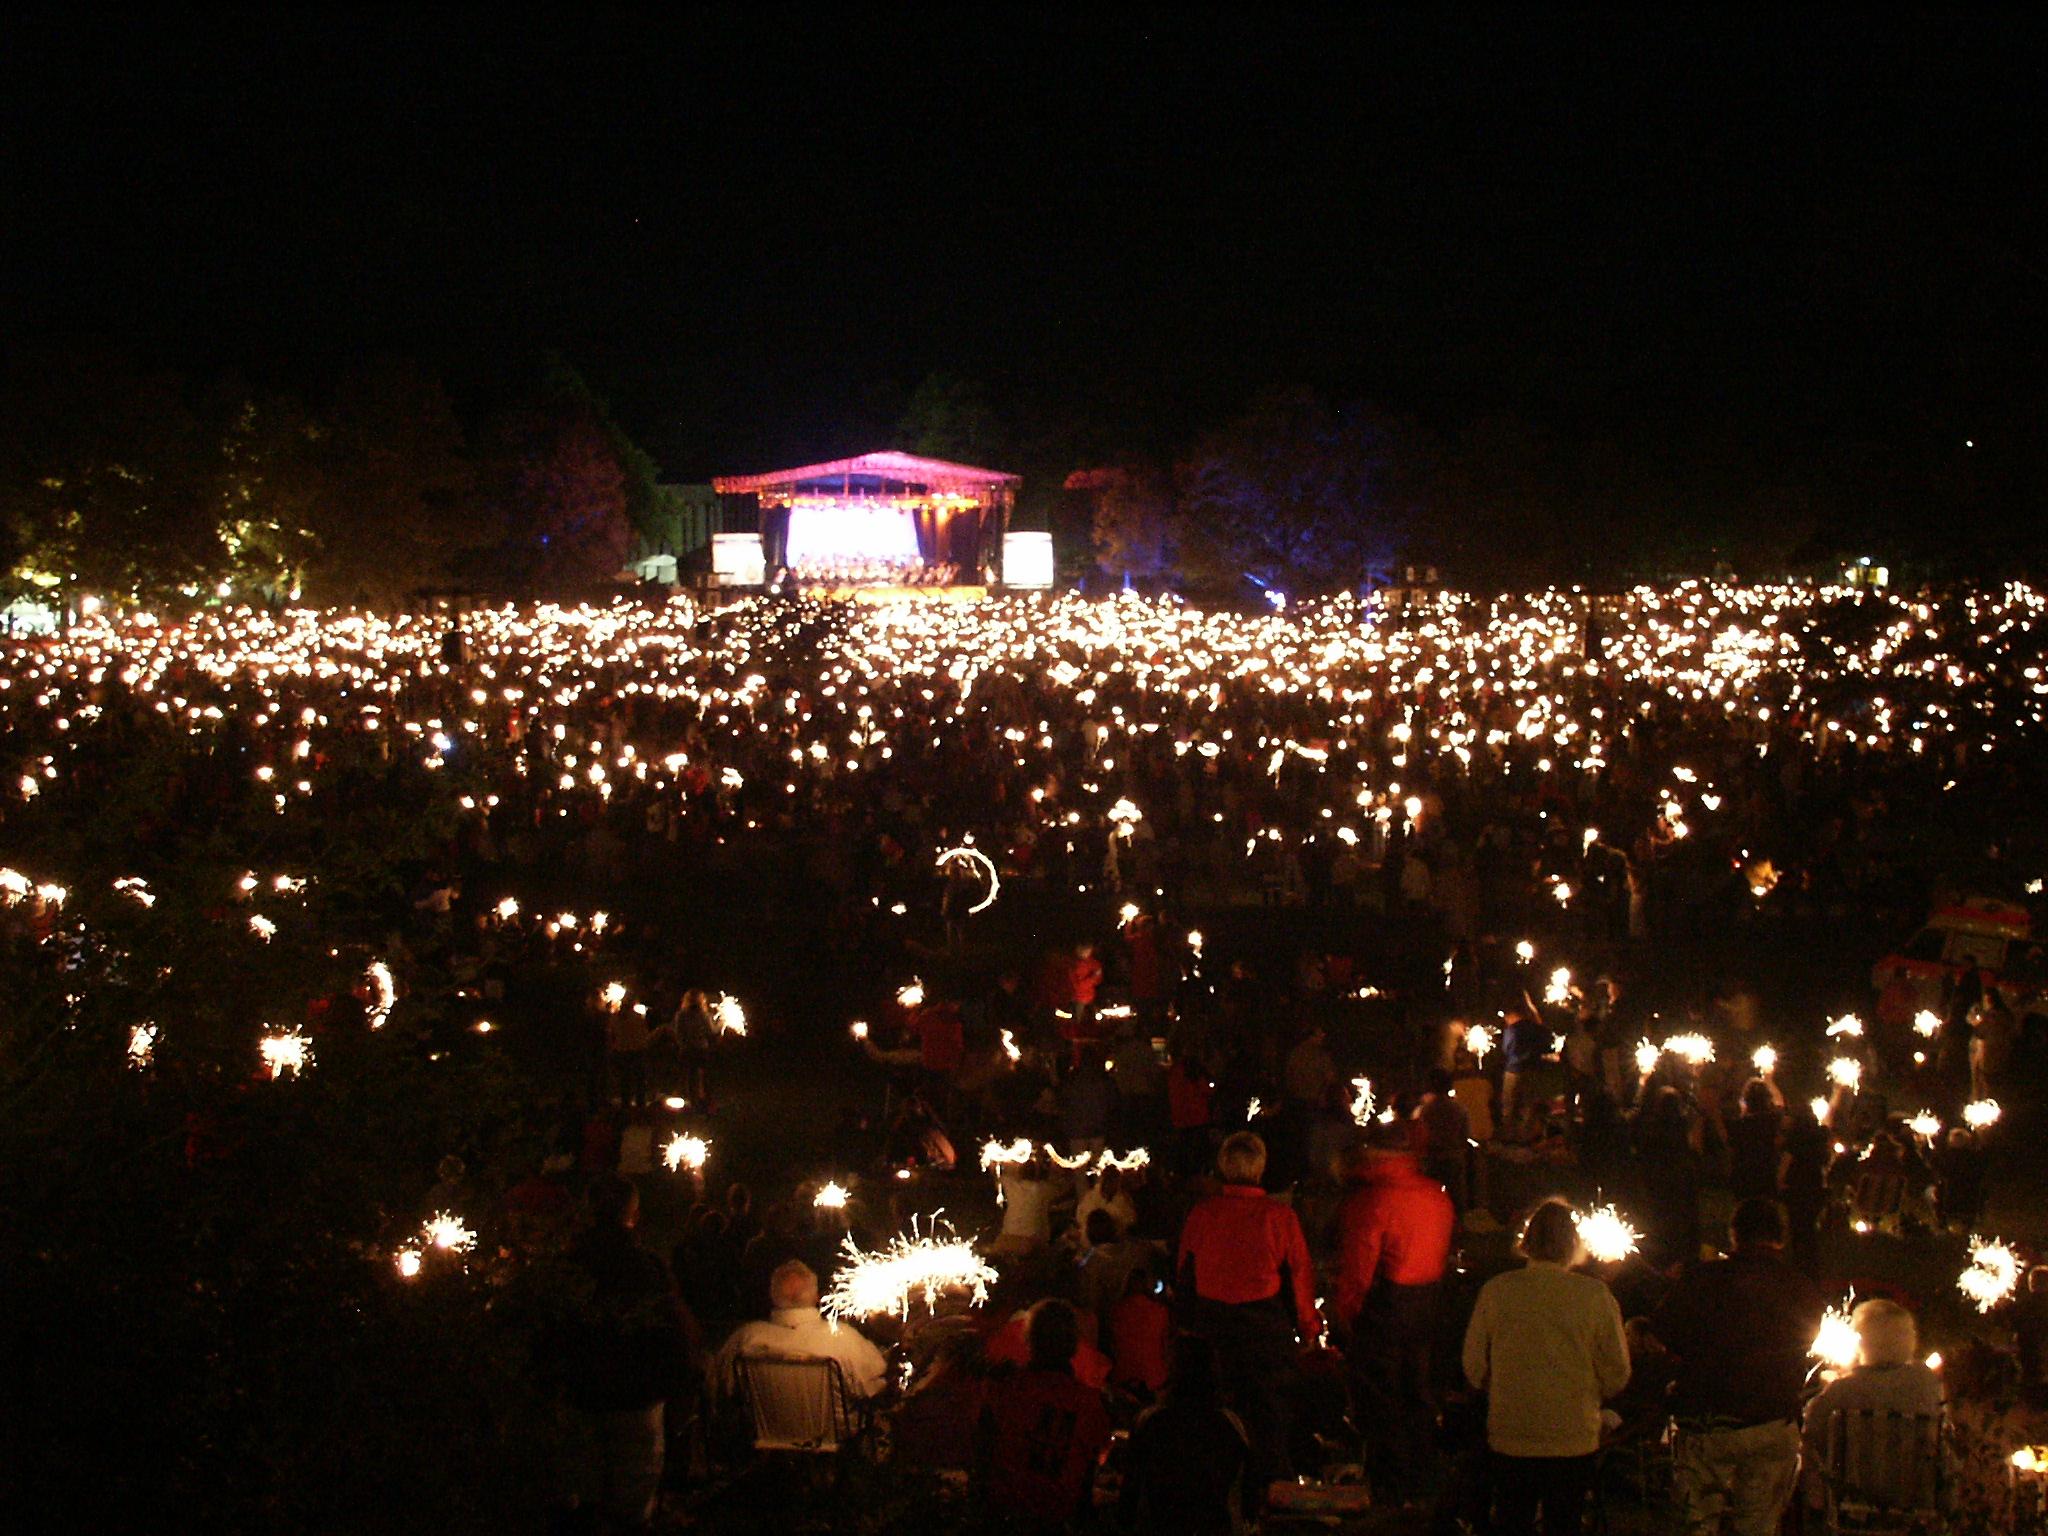 Gänsehautstimmung: Wenn es dunkel wird brennen die Besucher Wunderkerzen ab.